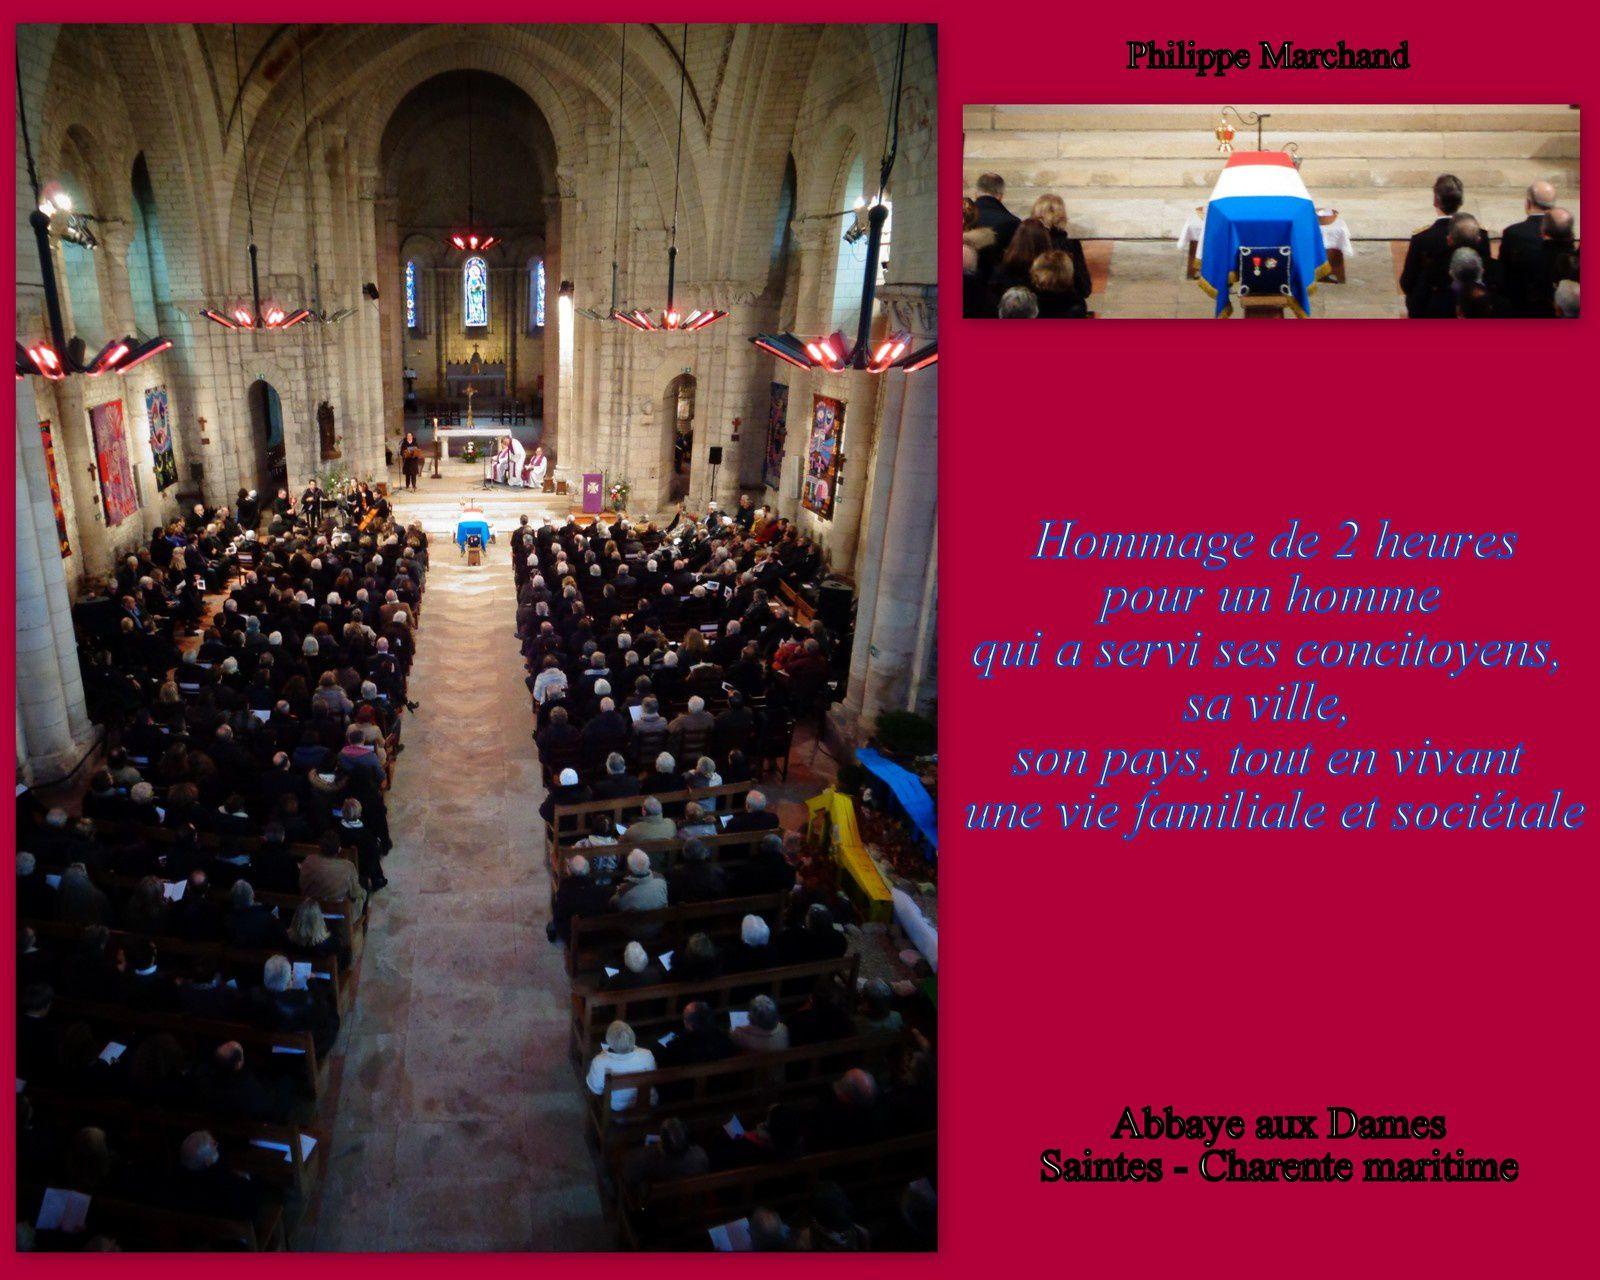 Une foule a accompagné Philippe Marchand à sa dernière demeure, tout au moins était à ses côtés et ceux de sa famille pour la cérémonie d'obsèques à l'abbaye aux Dames de Saintes.